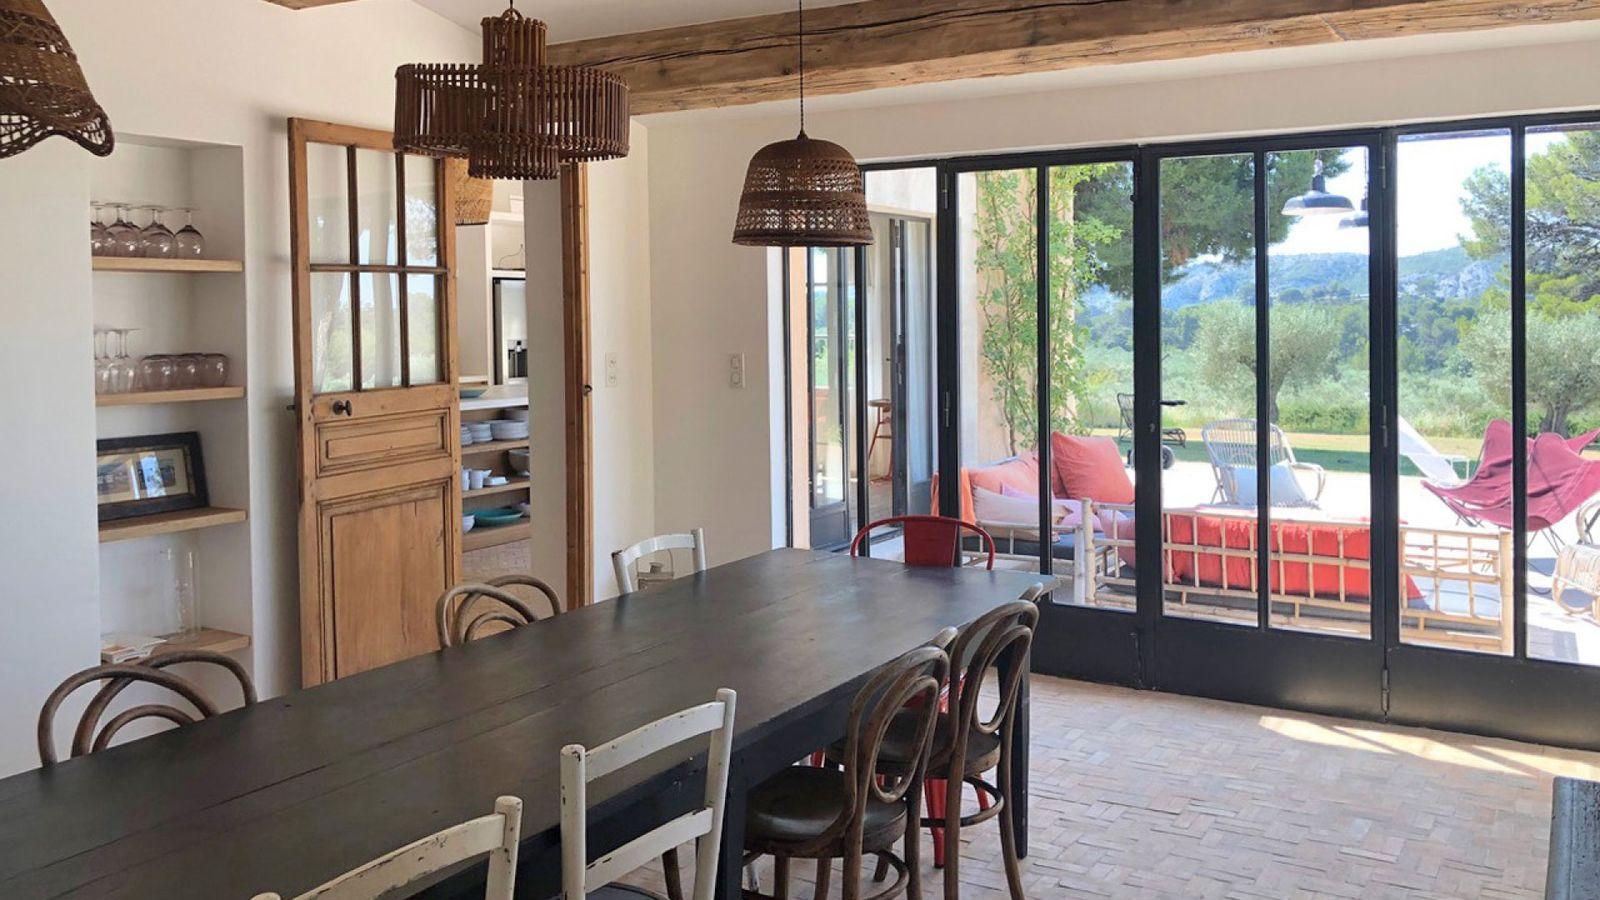 vacances Location villa prestige en Provence France conciergerie